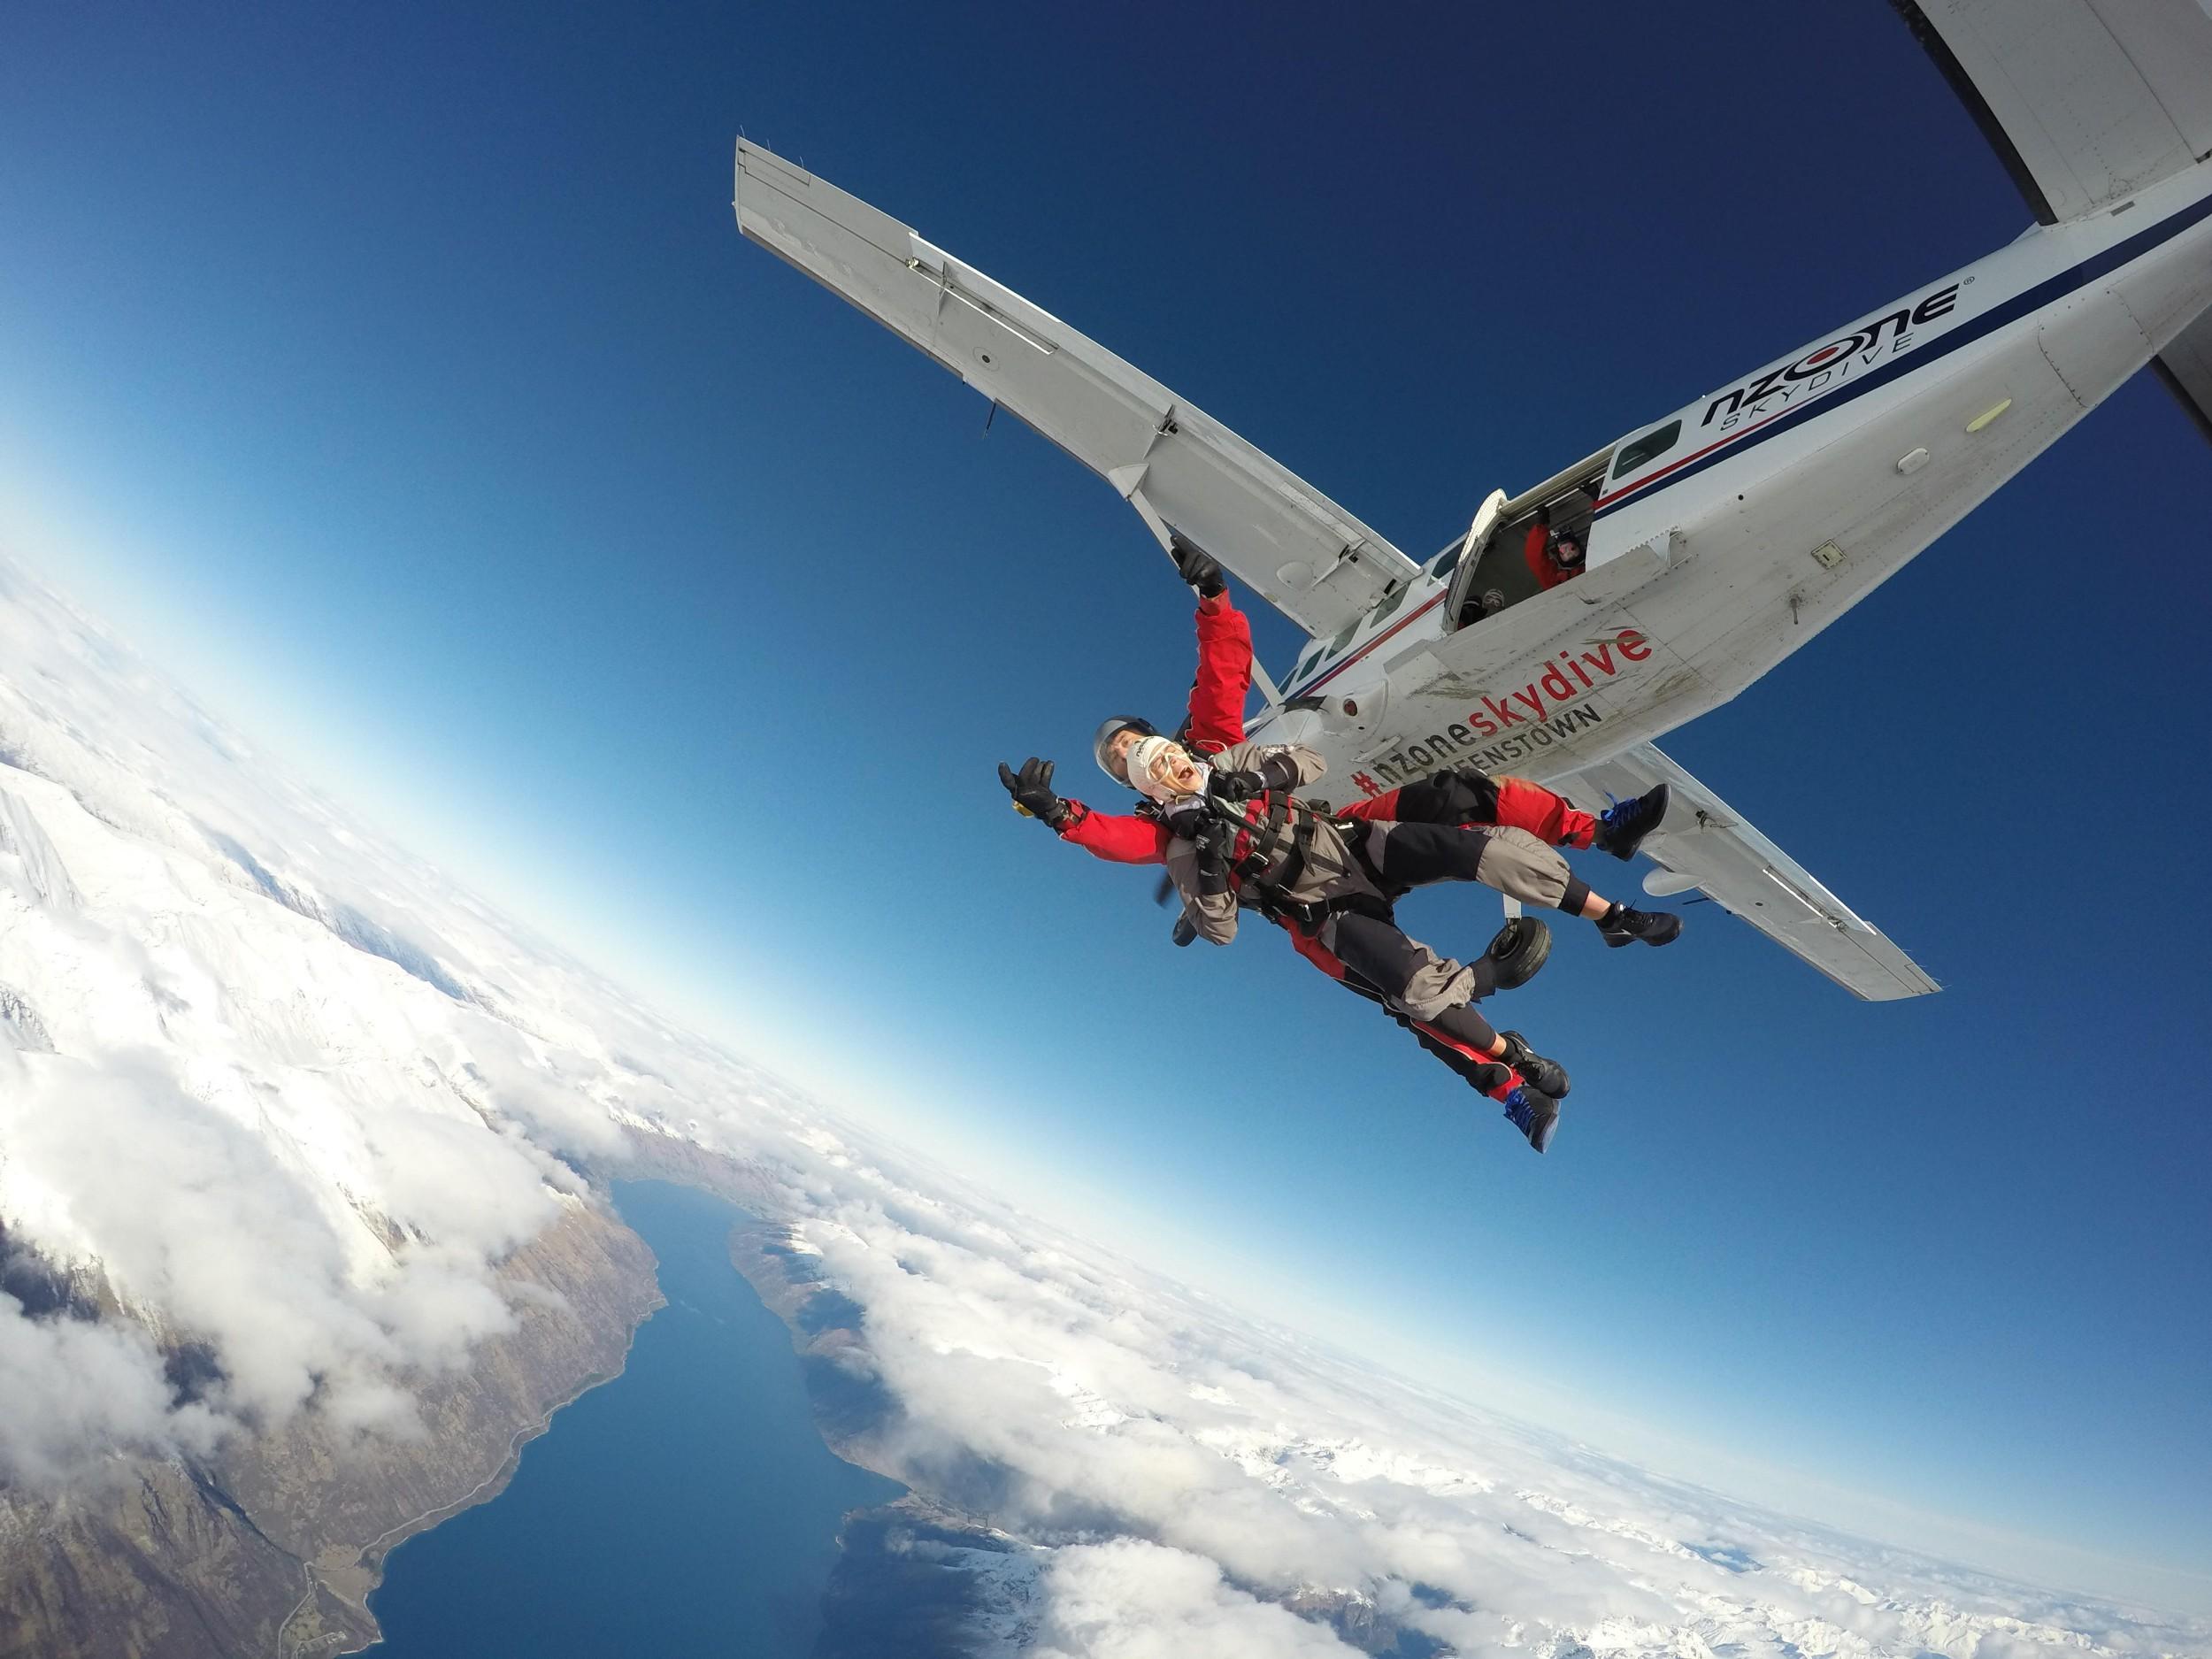 1-Queenstown-NZONE-Skydive.jpg